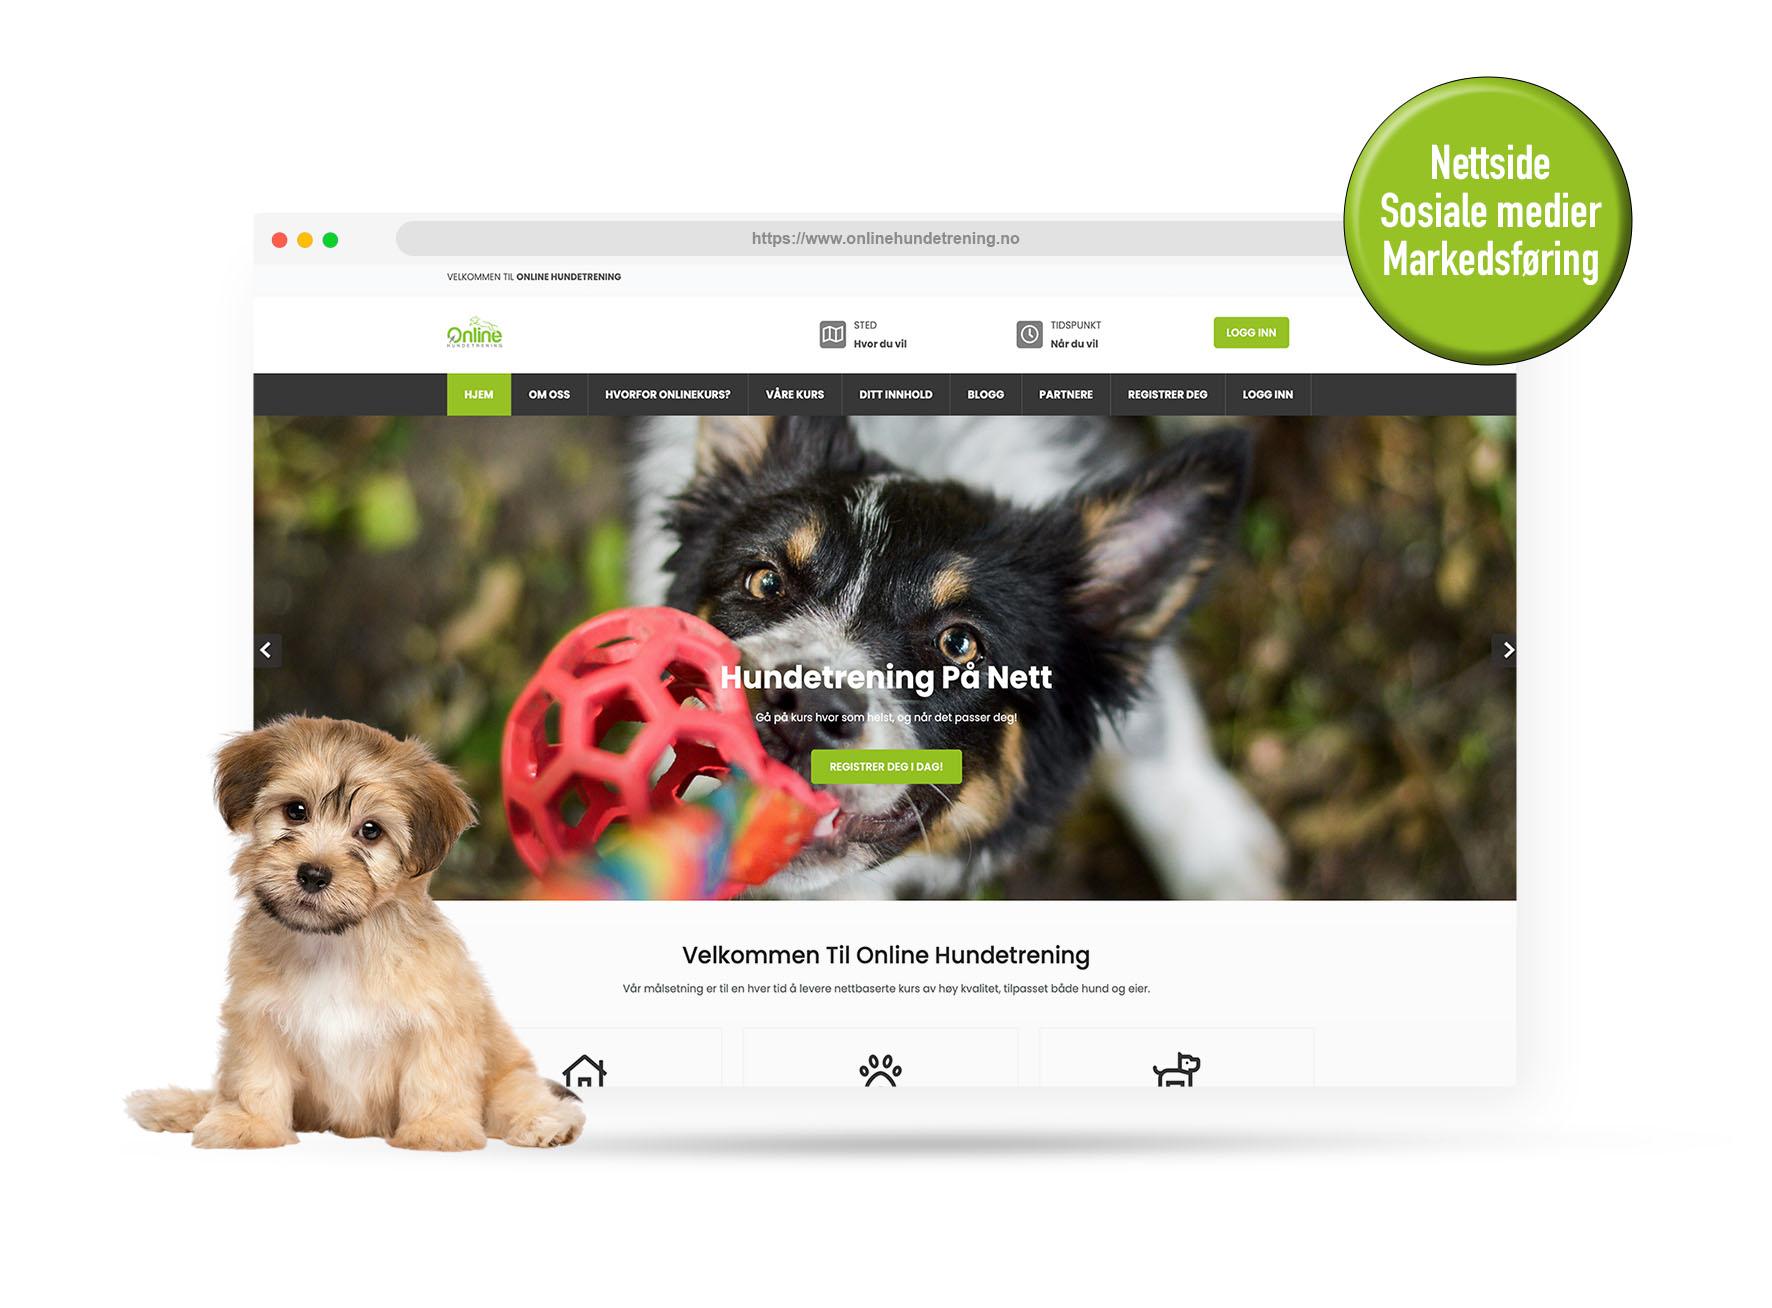 Online hundetrening